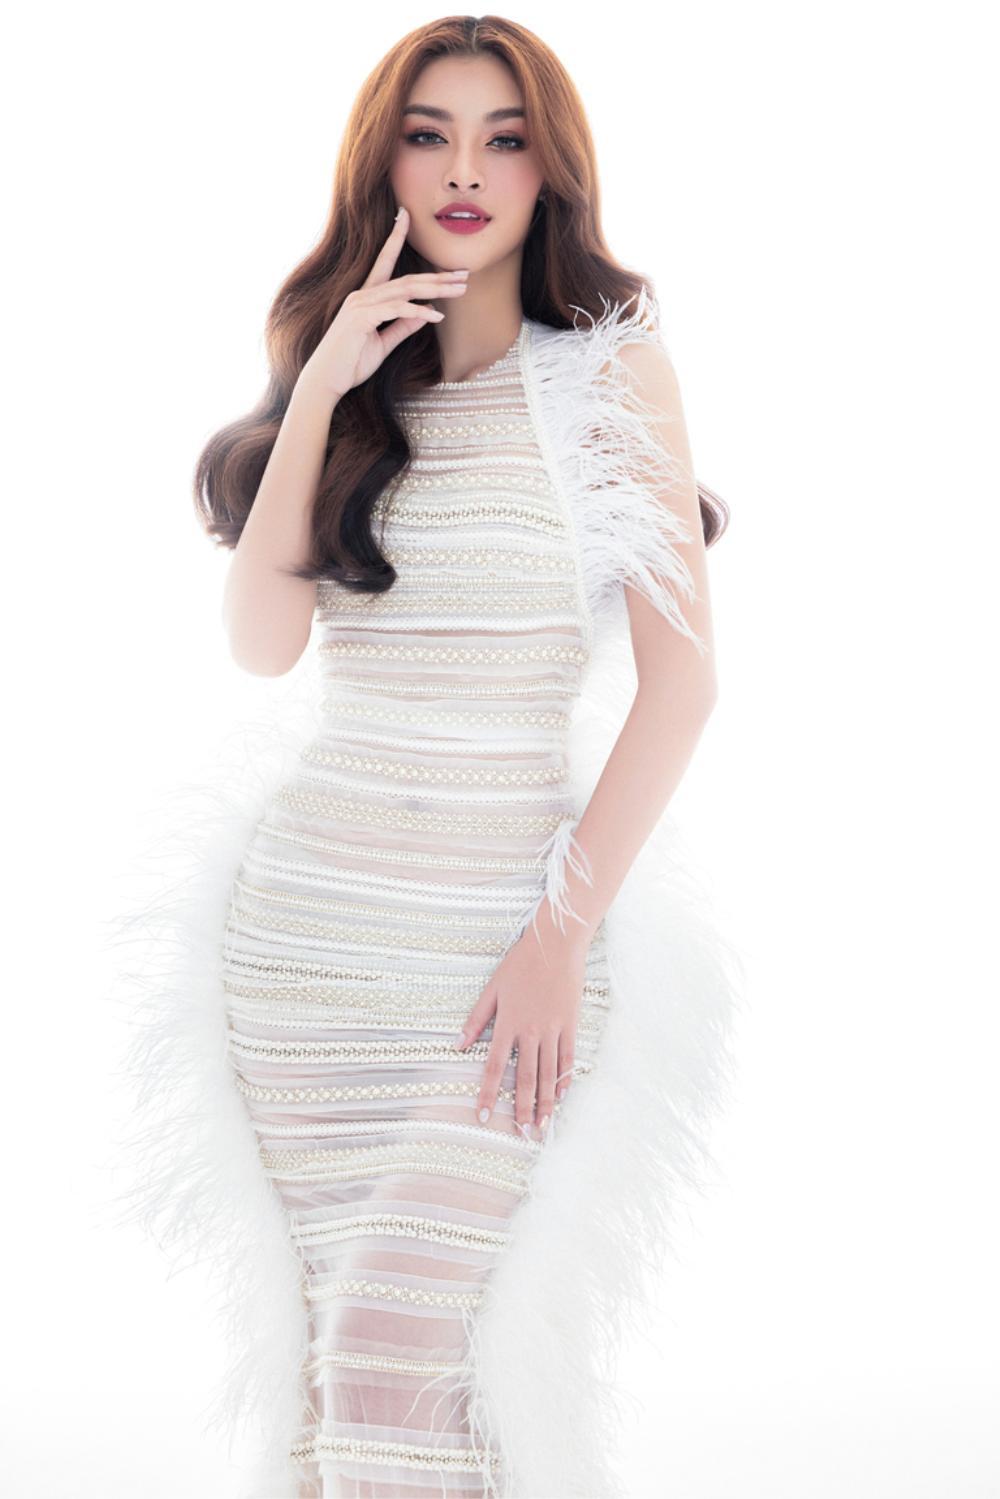 Á hậu Kiều Loan khoe nhan sắc quyến rũ trong bộ ảnh mới Ảnh 7